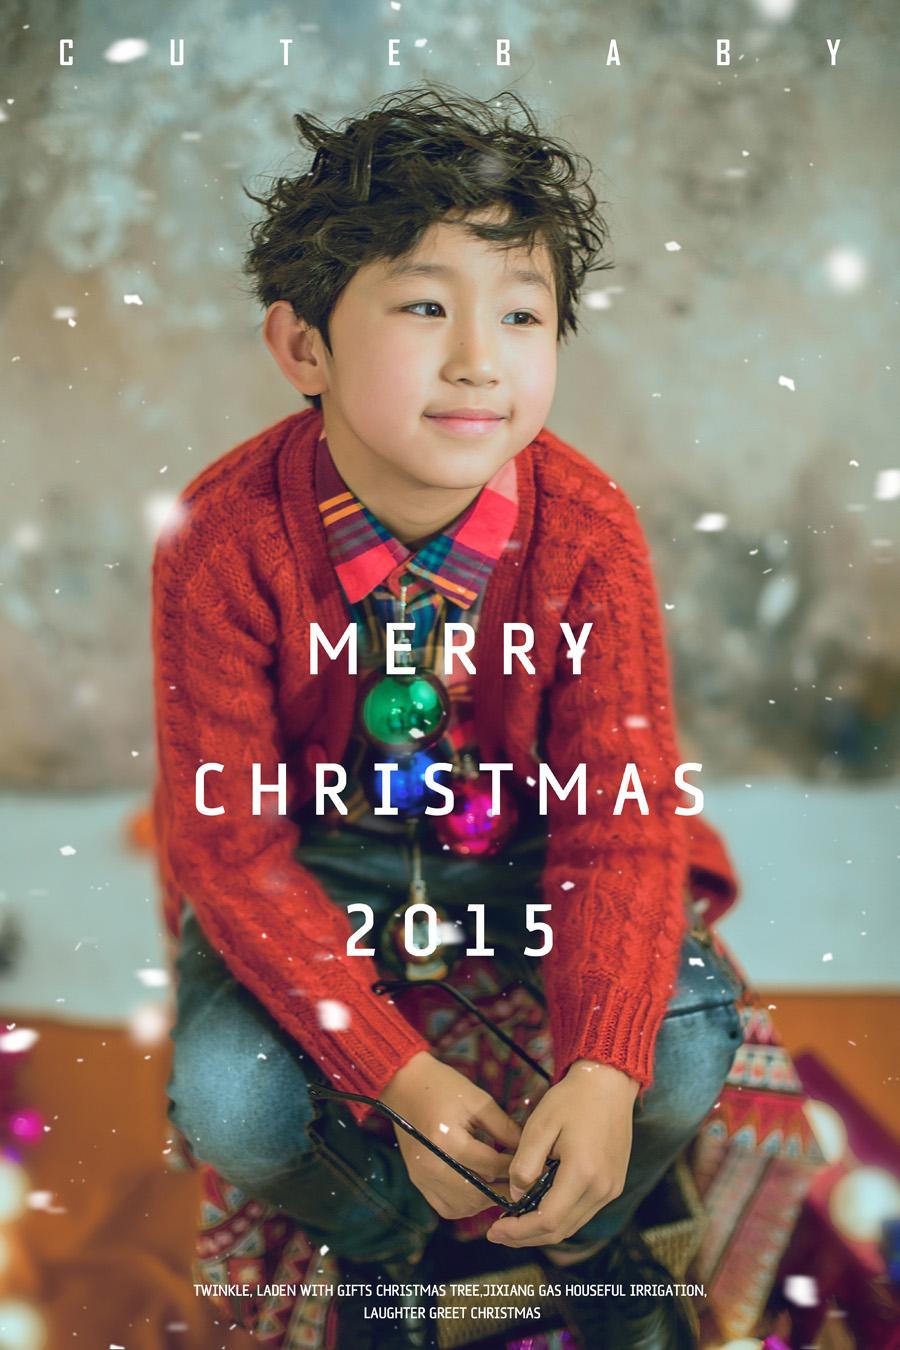 圣诞专题之三:巧妙运用素材拍摄时尚的儿童圣诞主题